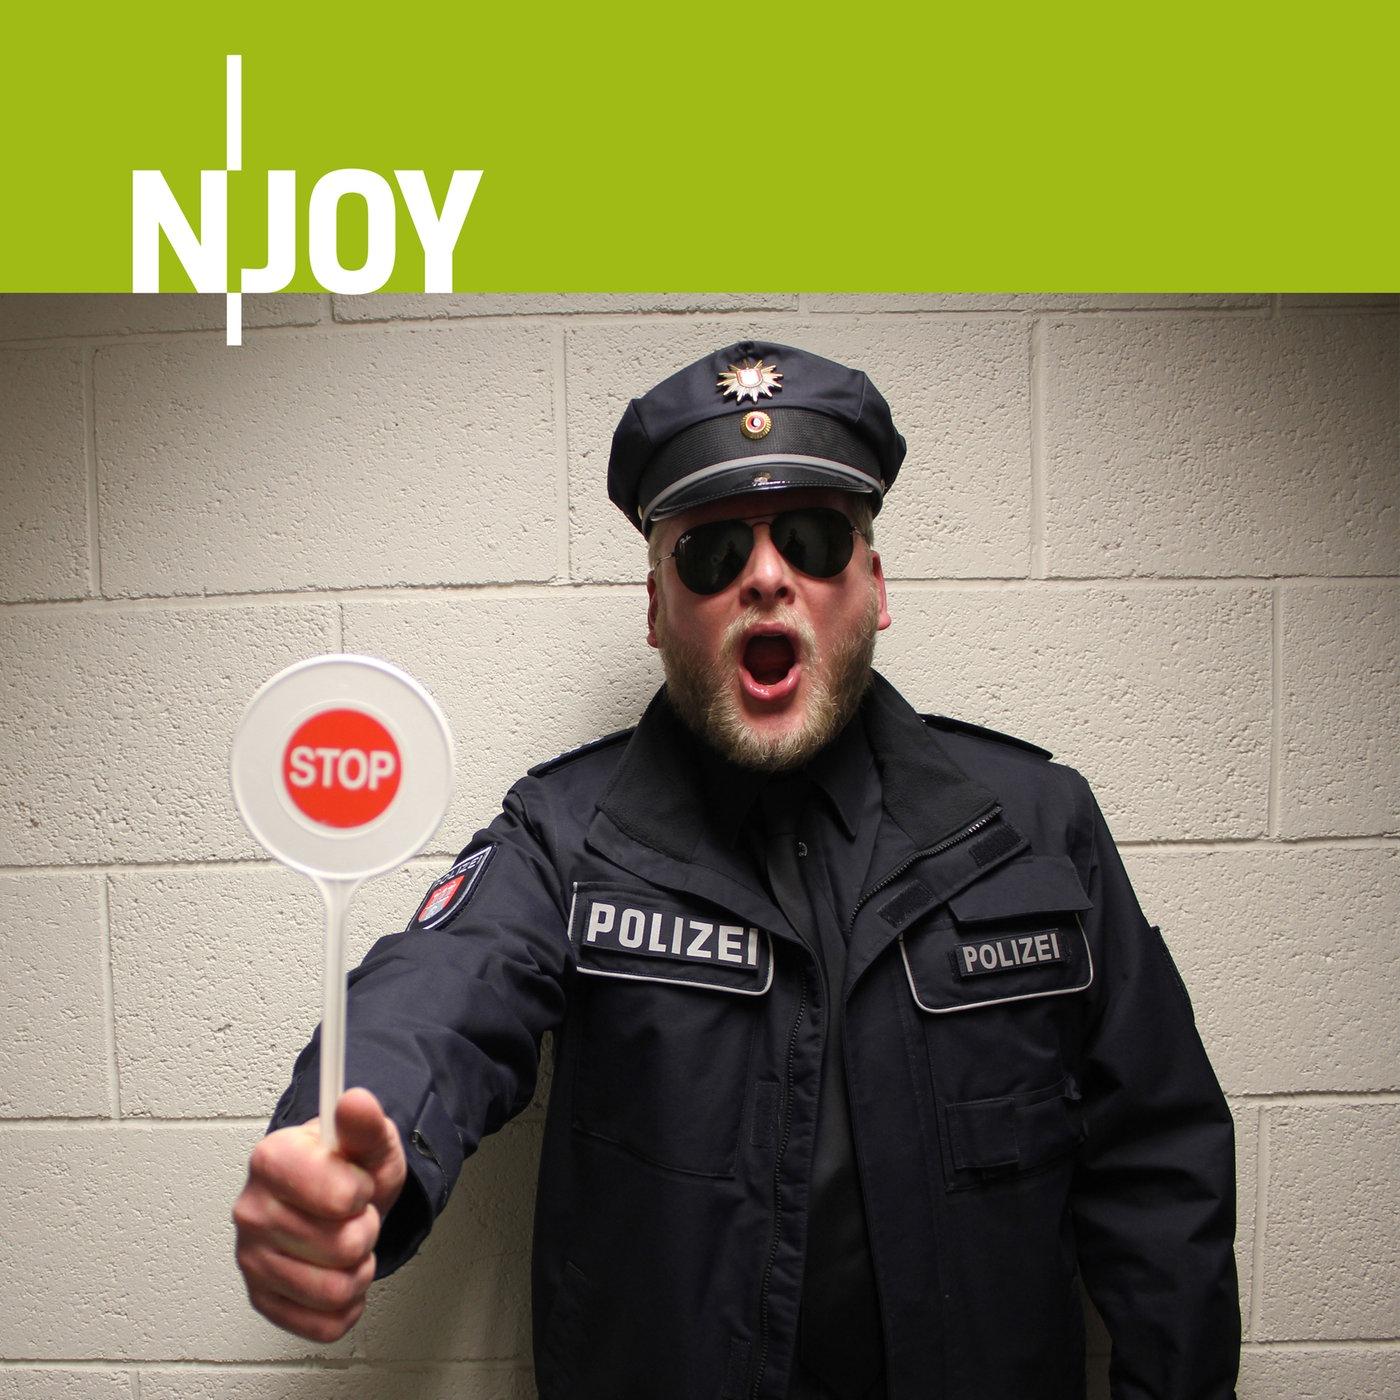 Podcast: N-JOY - Die Pisa Polizei Sergeant Onken checkt euer Wissen